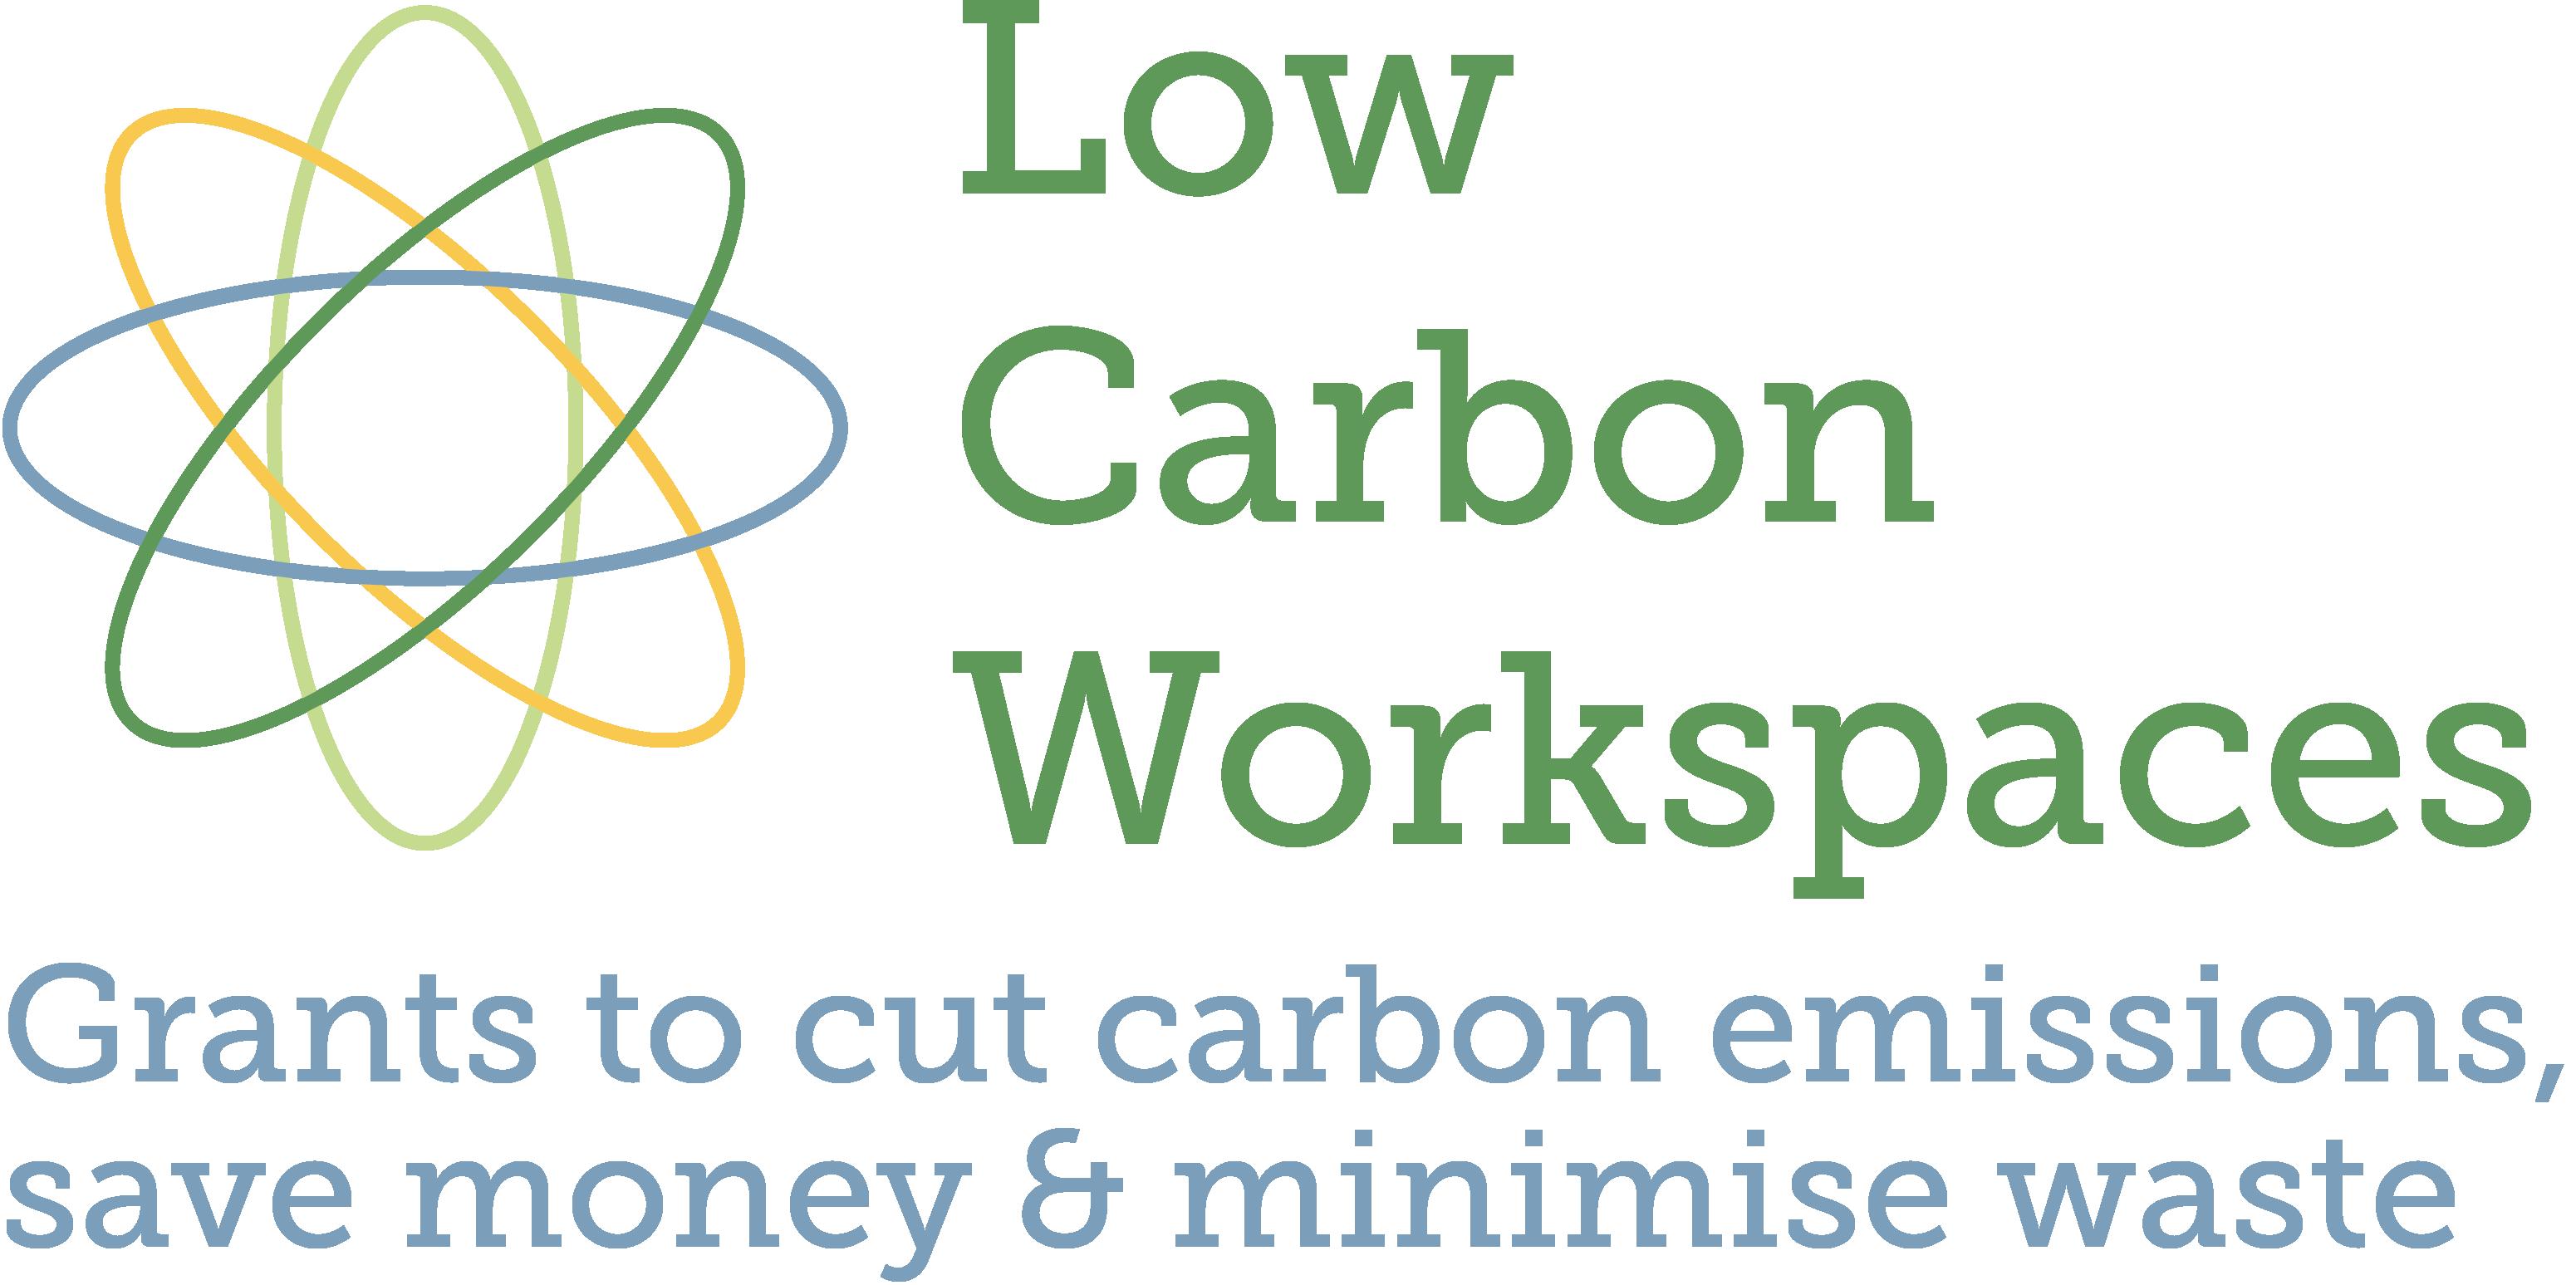 Low Carbon Workspaces Logo